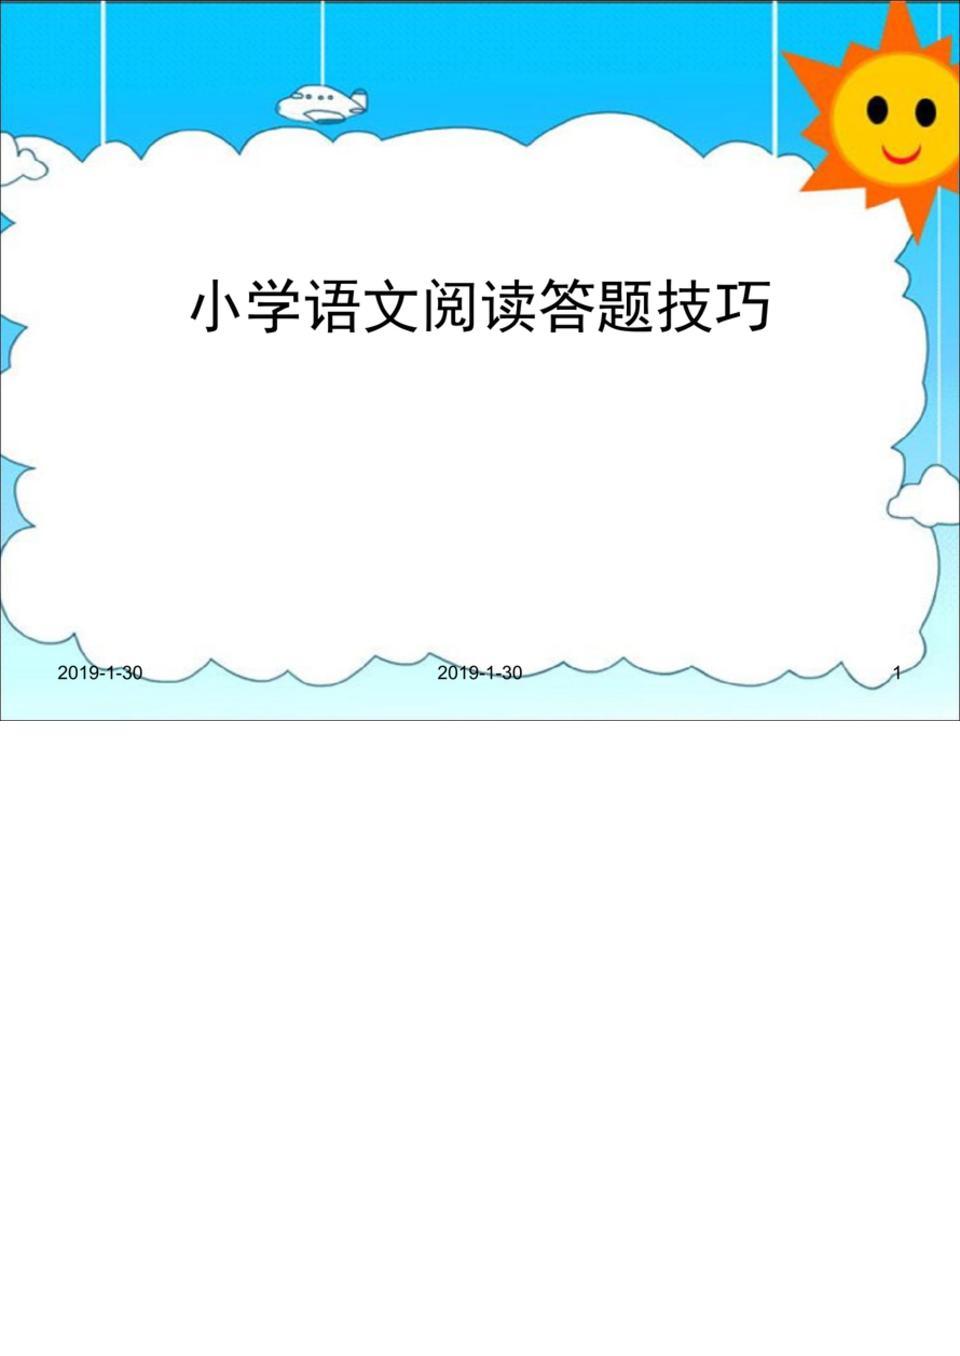 小学语文阅读常见题型答题技巧.ppt